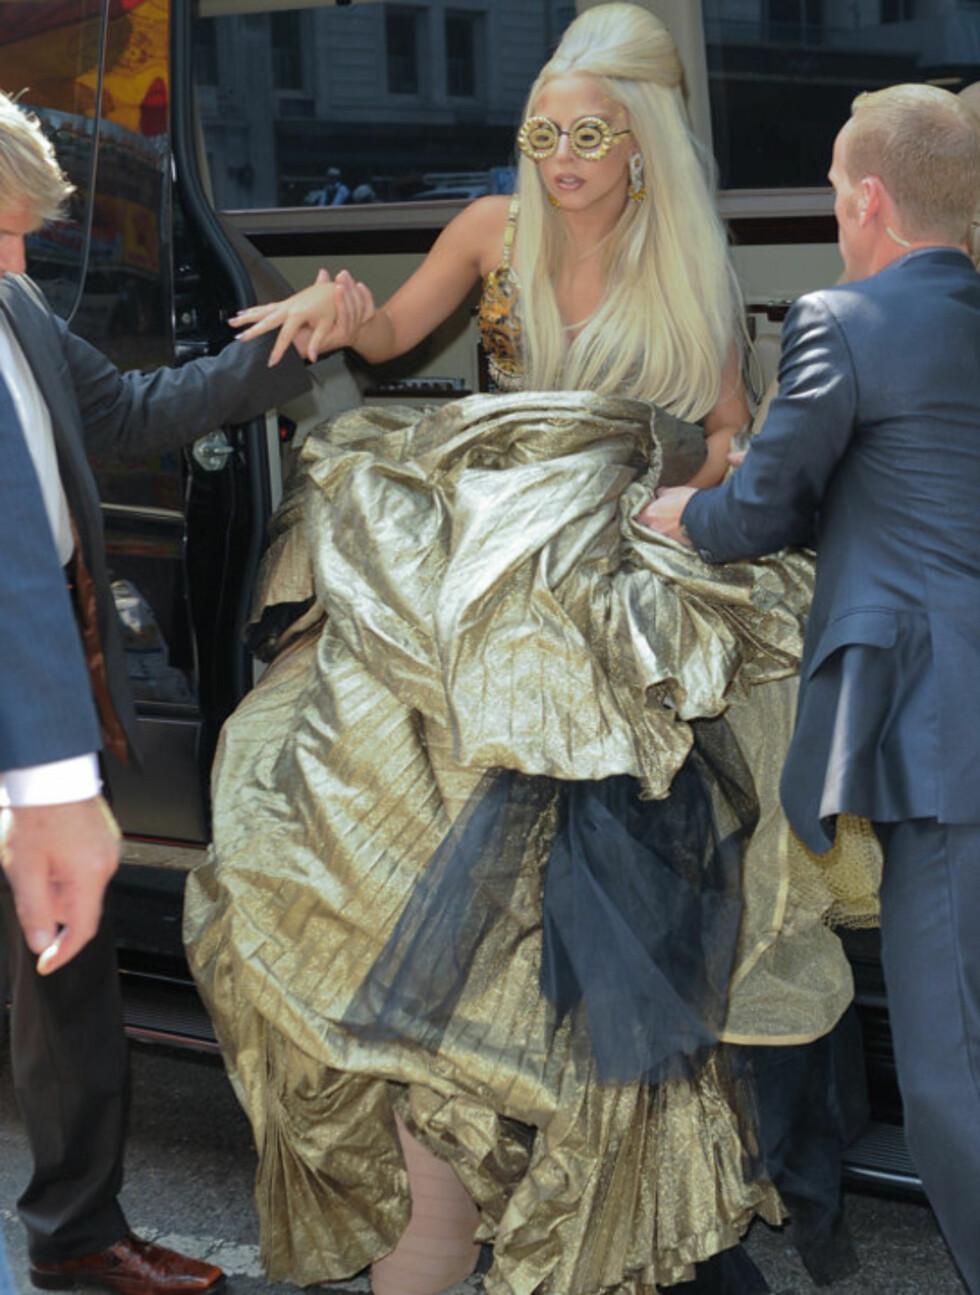 HJELPES: Lady Gaga, nesten ute av stand til å både se og gå, måtte hjelpes ut av bilen da hun ankom Annie Leibovitz' photo-shoot i Central Park mandag. Foto: All Over Press